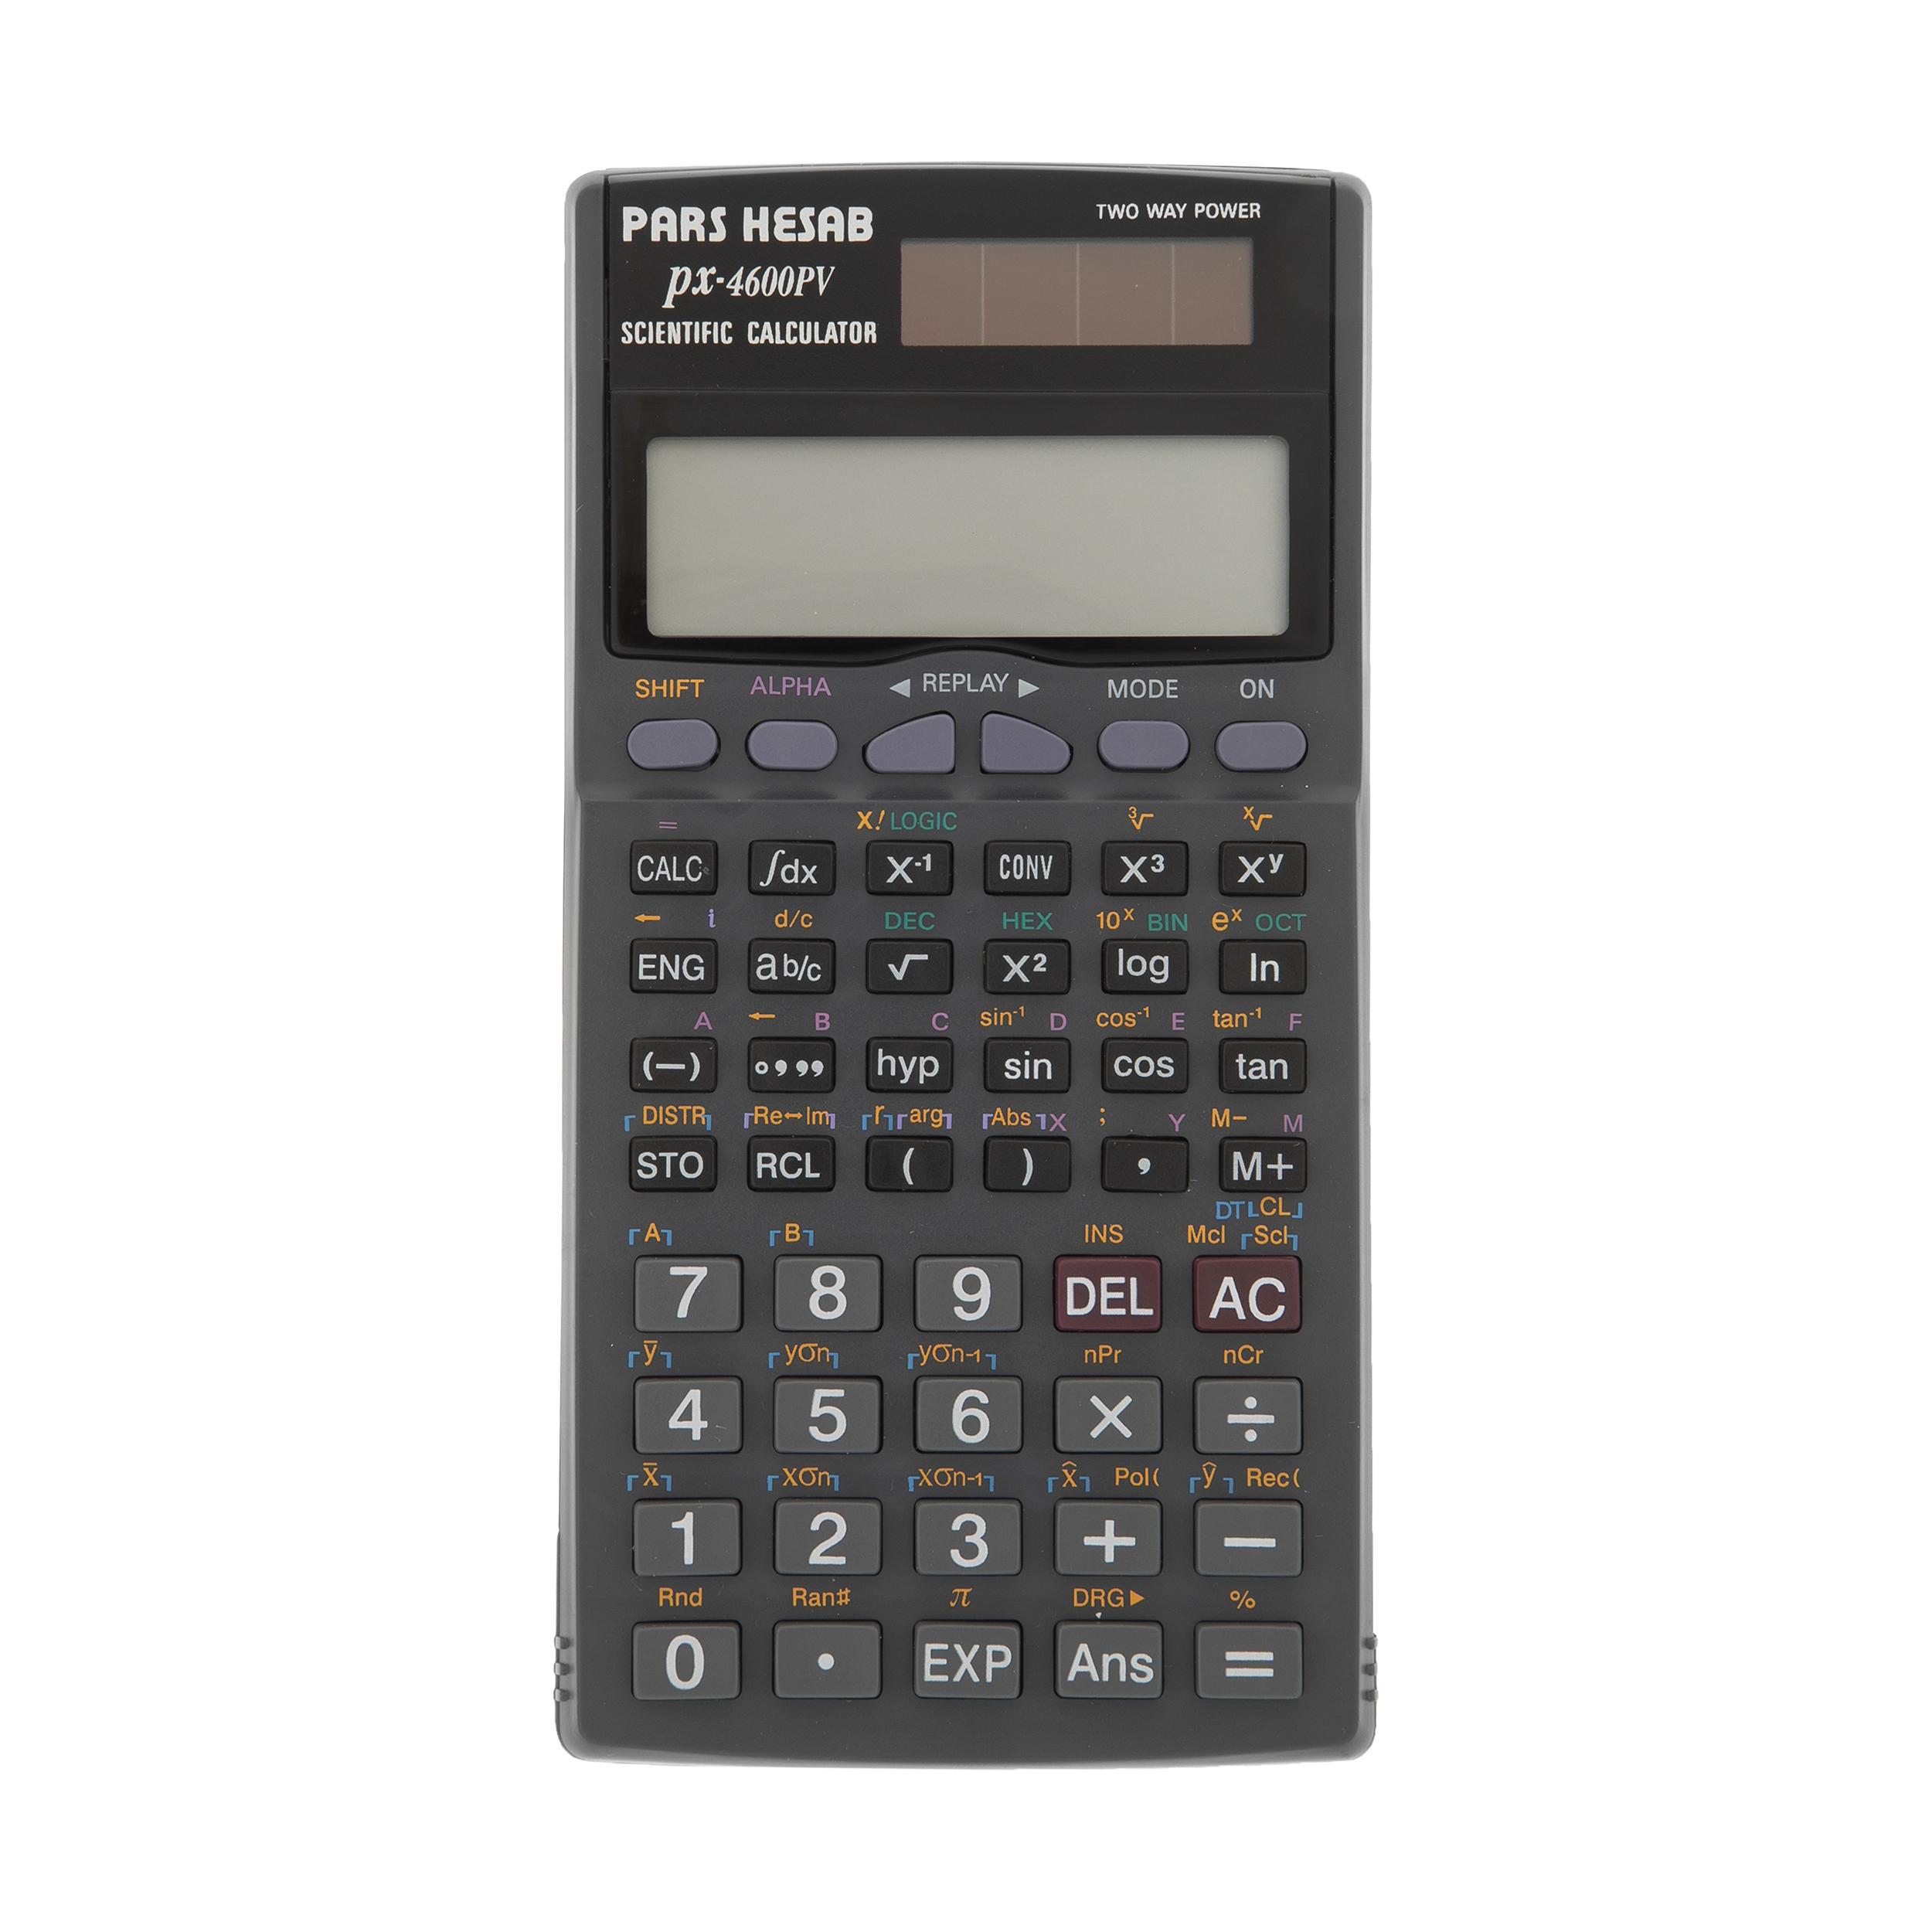 ماشین حساب پارس حساب مدل Px-4600pv